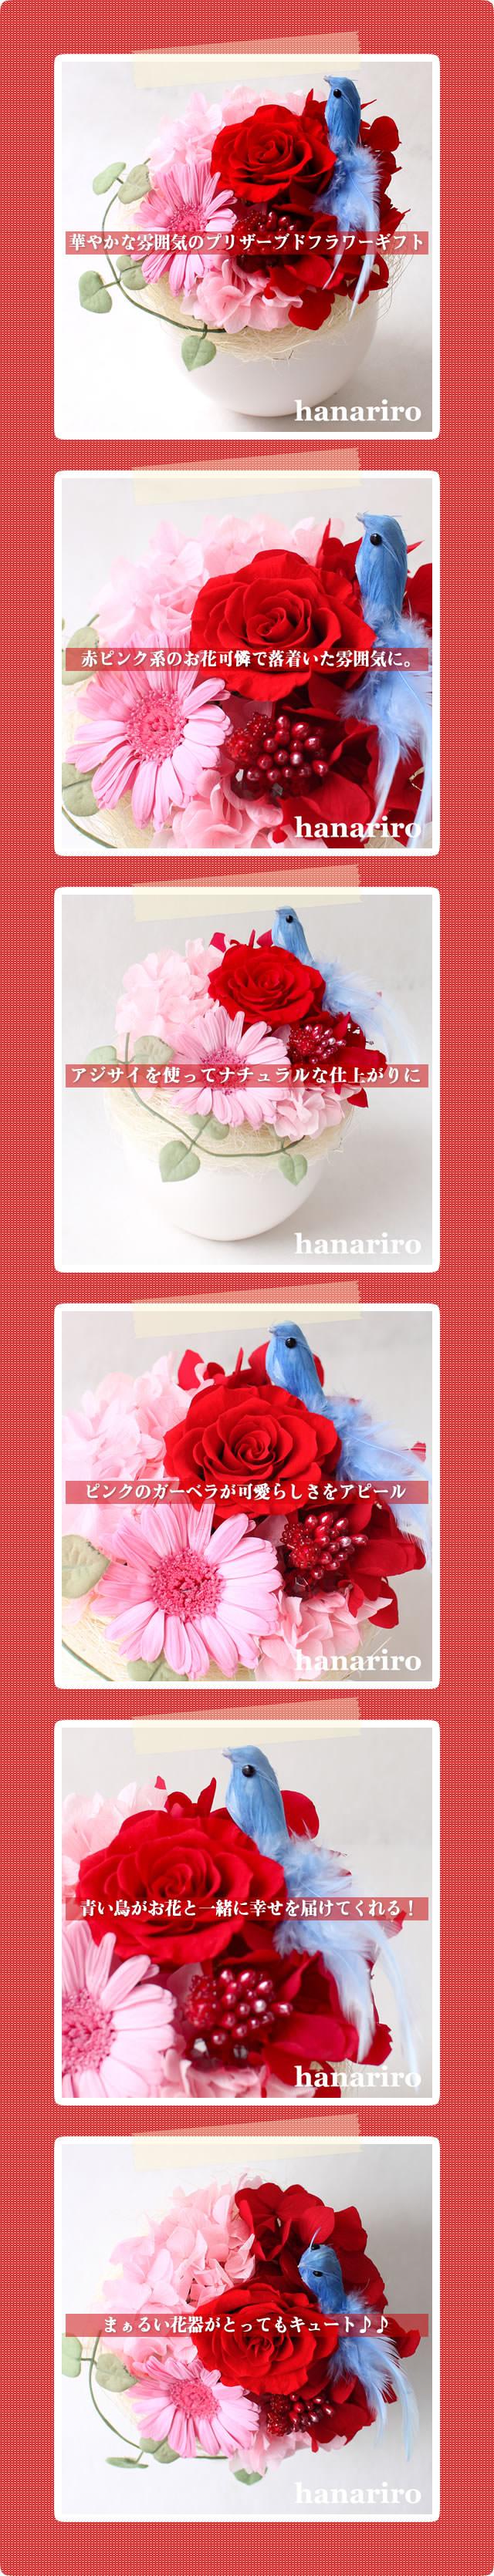 アレンジ「幸せの青い鳥(赤ピンクS)」/プリザーブドフラワーギフト